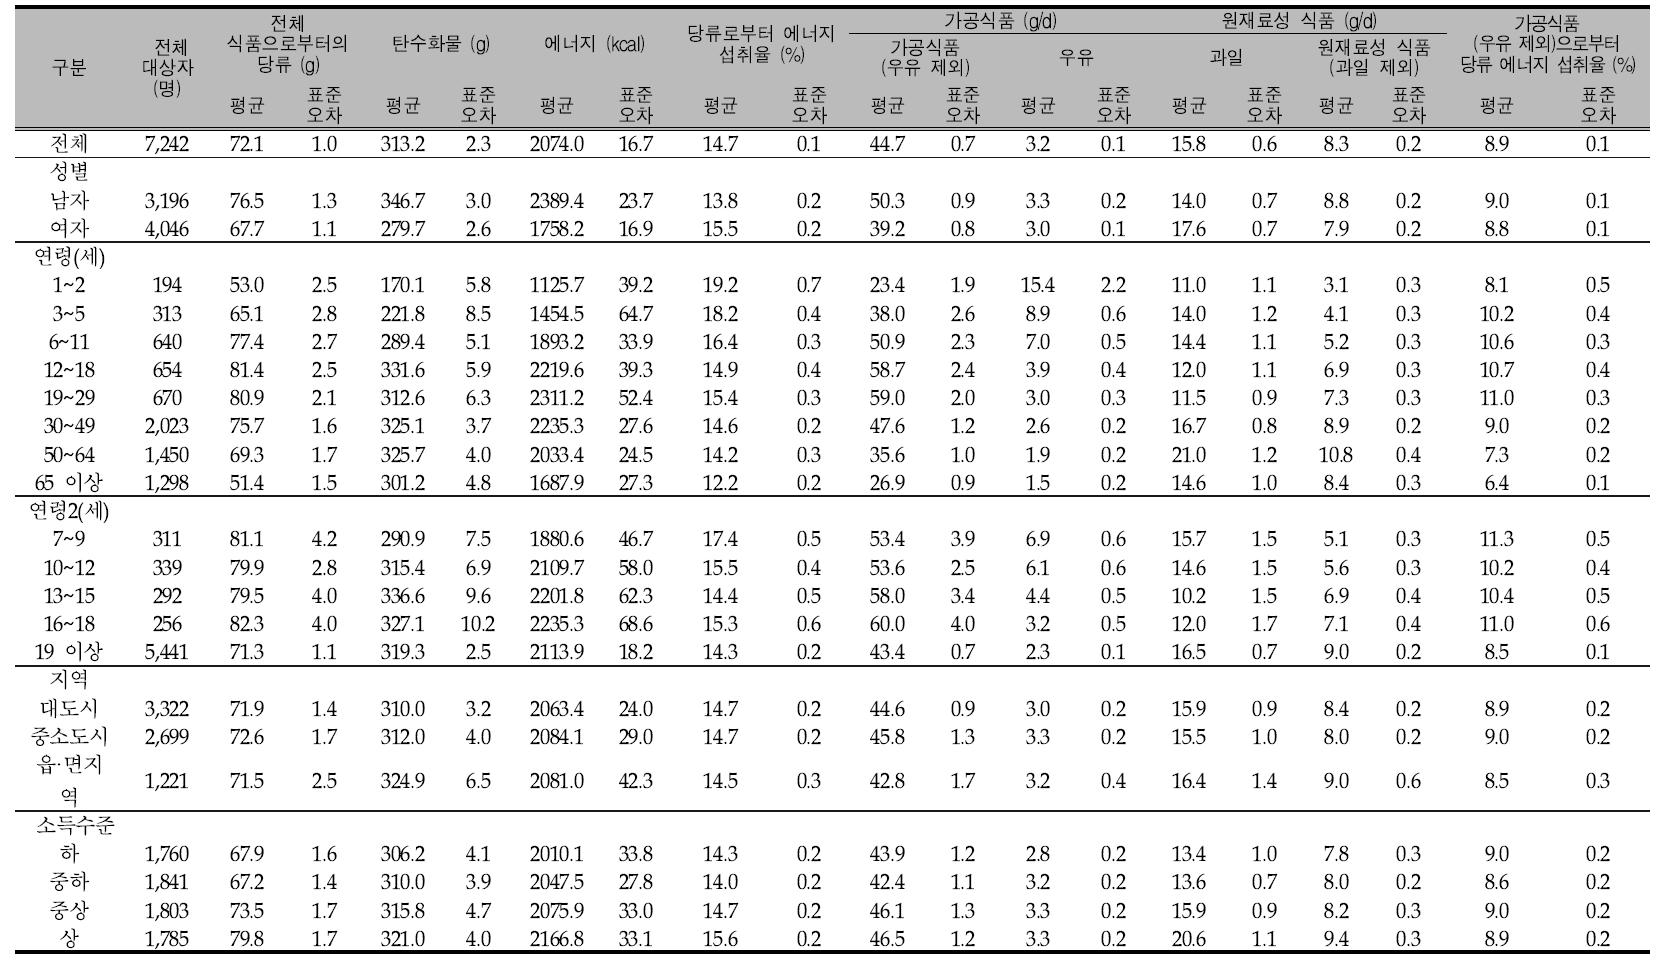 우리 국민의 1인1일 평균 당류 섭취량(성별, 연령별, 지역별, 소득수준별): 국민건강영양조사 2013년